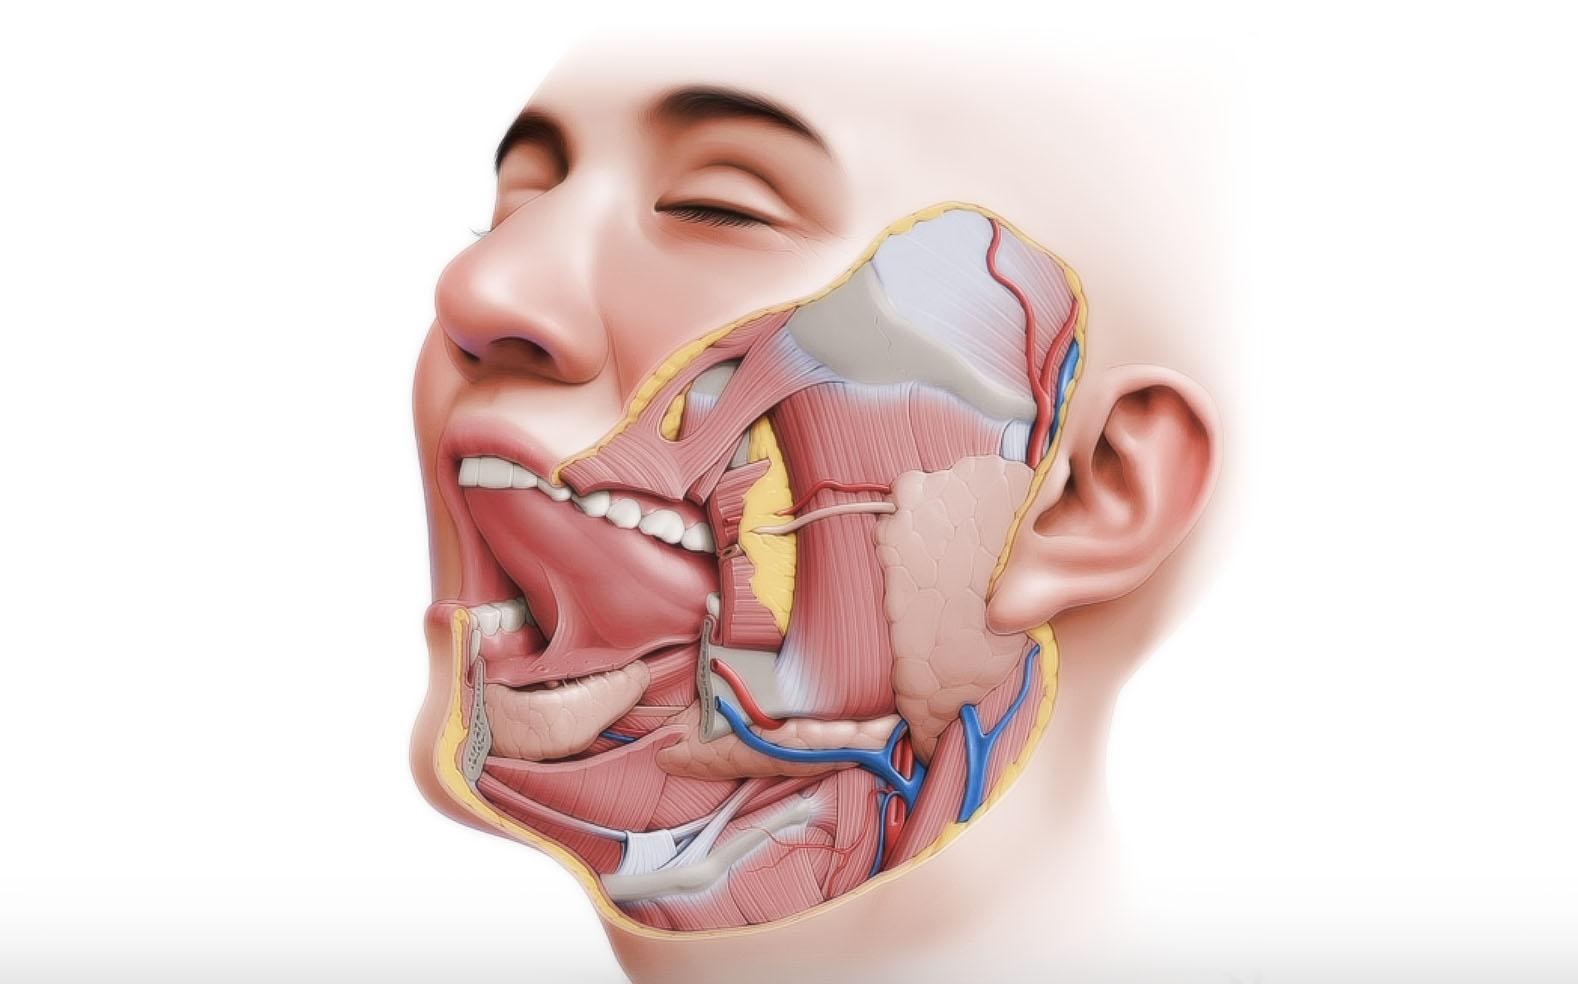 Рак околоушной слюнной железы - симптомы, причины и лечение